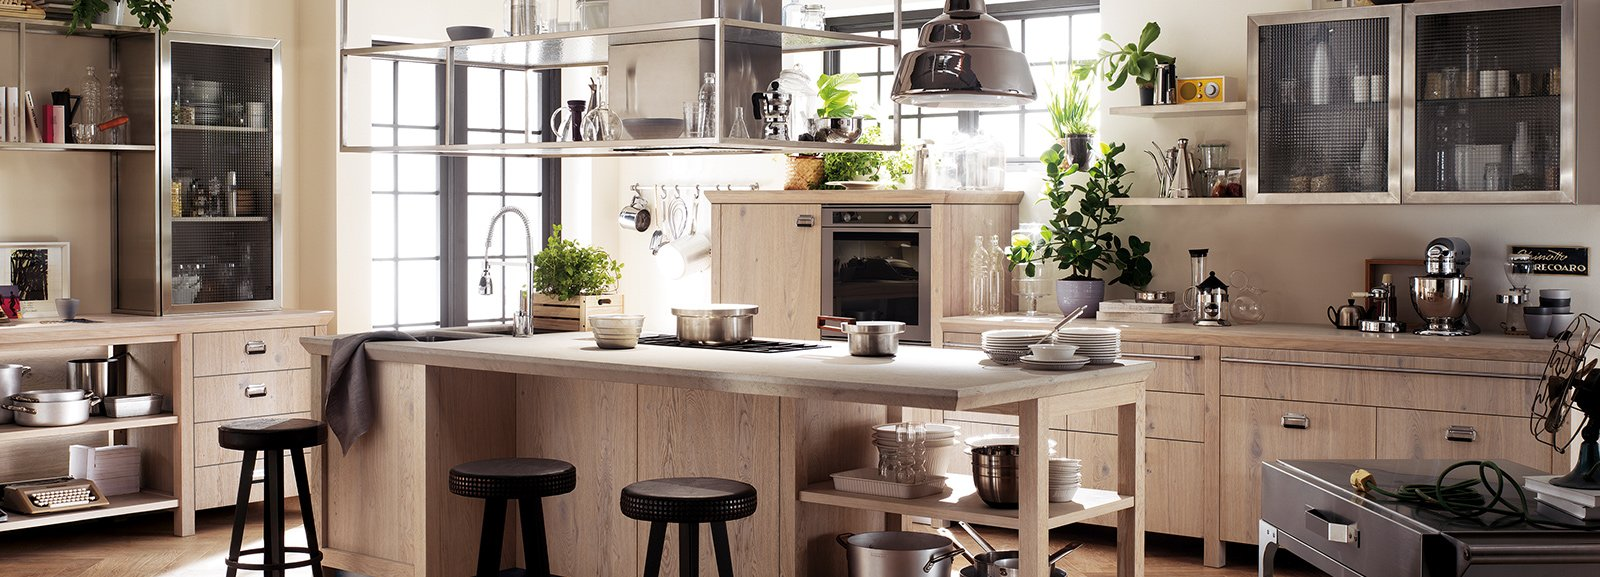 Cucine moderne in legno cose di casa - Cucine scavolini country ...